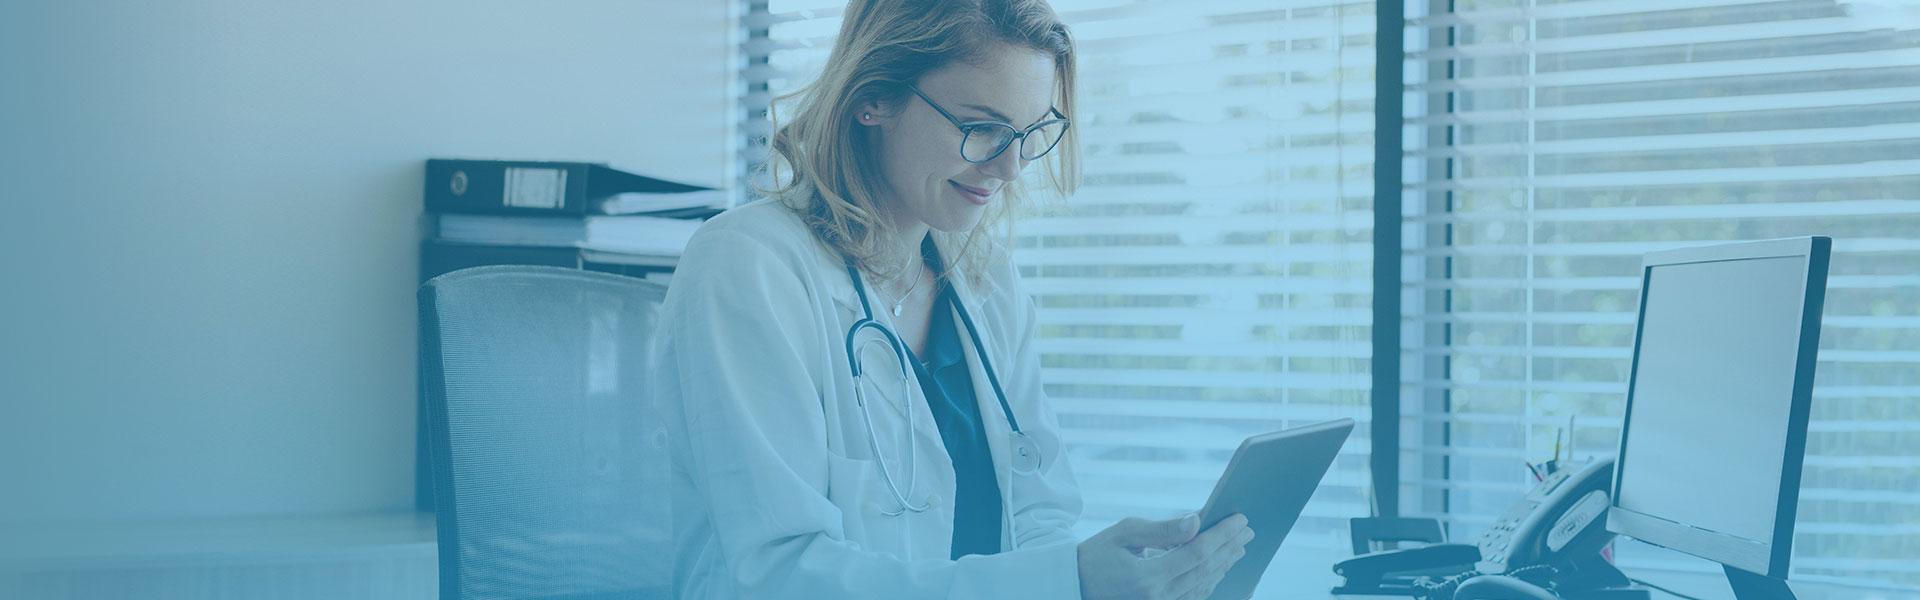 Analytics - HIPAA Whitepaper